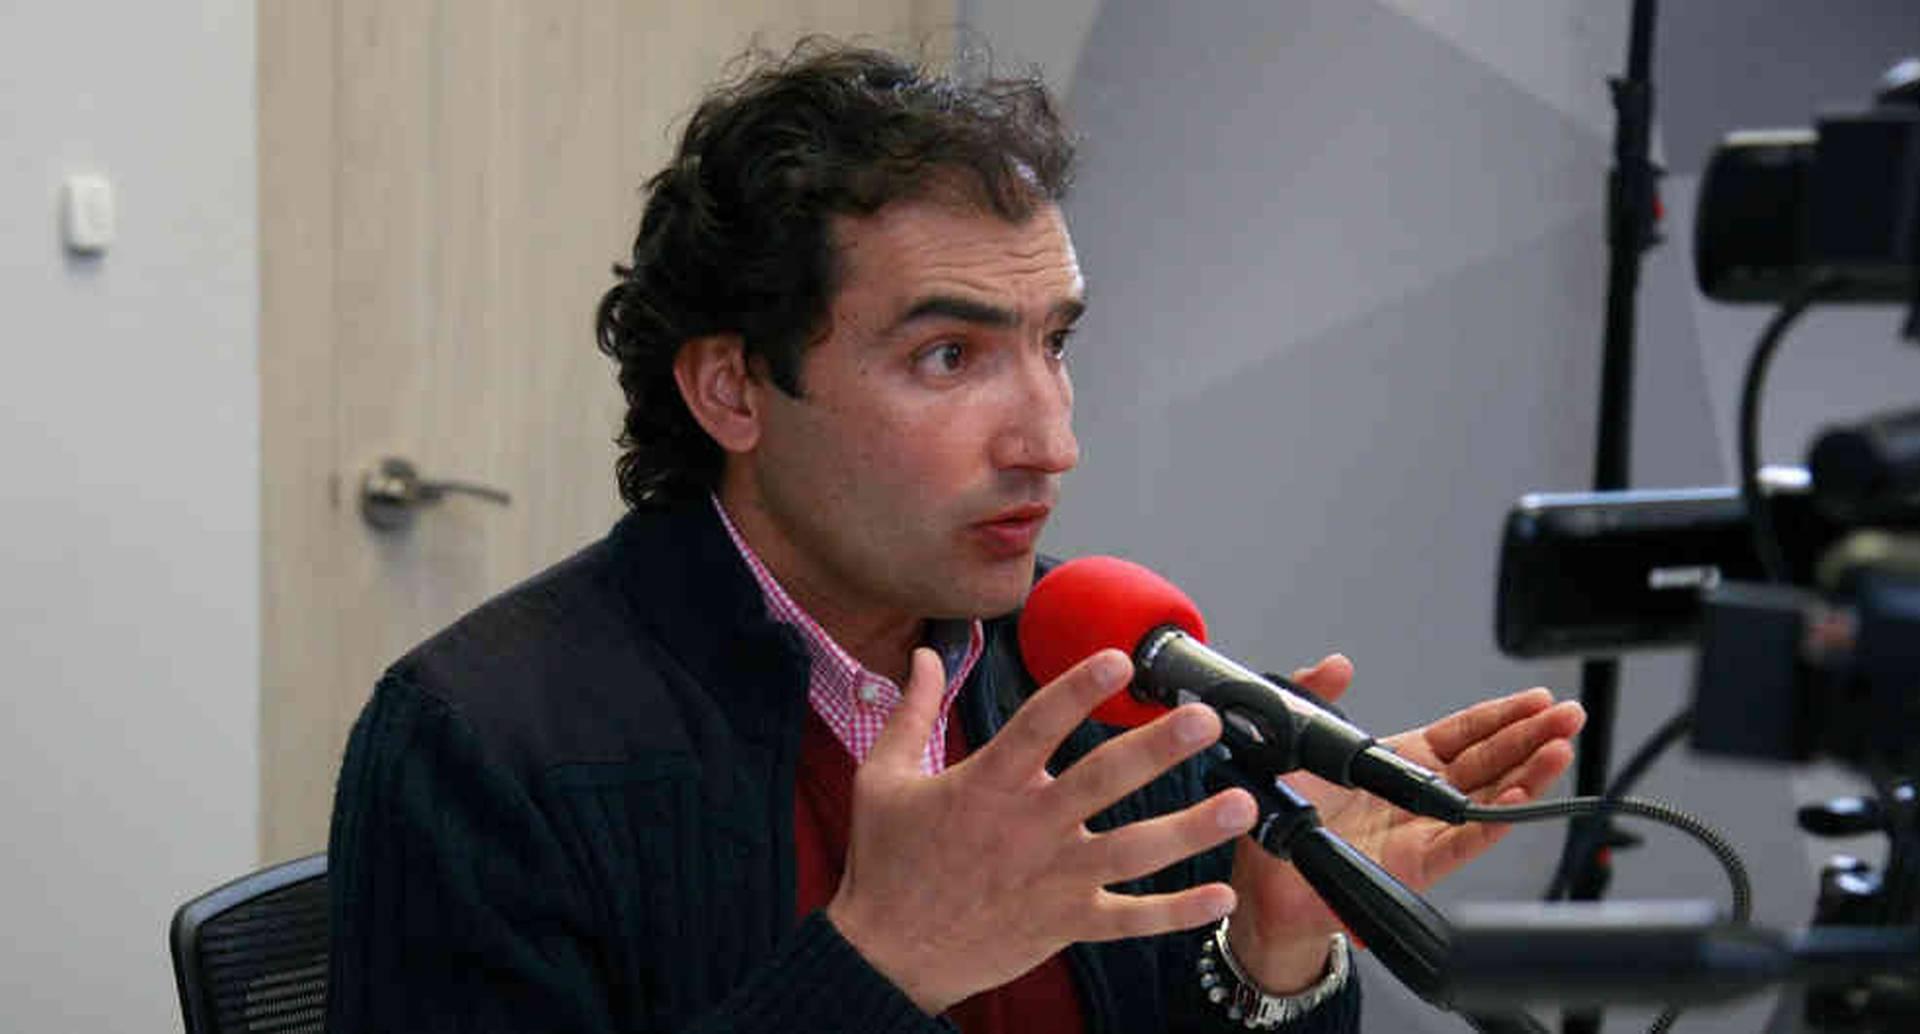 Martín Felipe Escobar, conocido en la fiesta taurina como Curro Martín